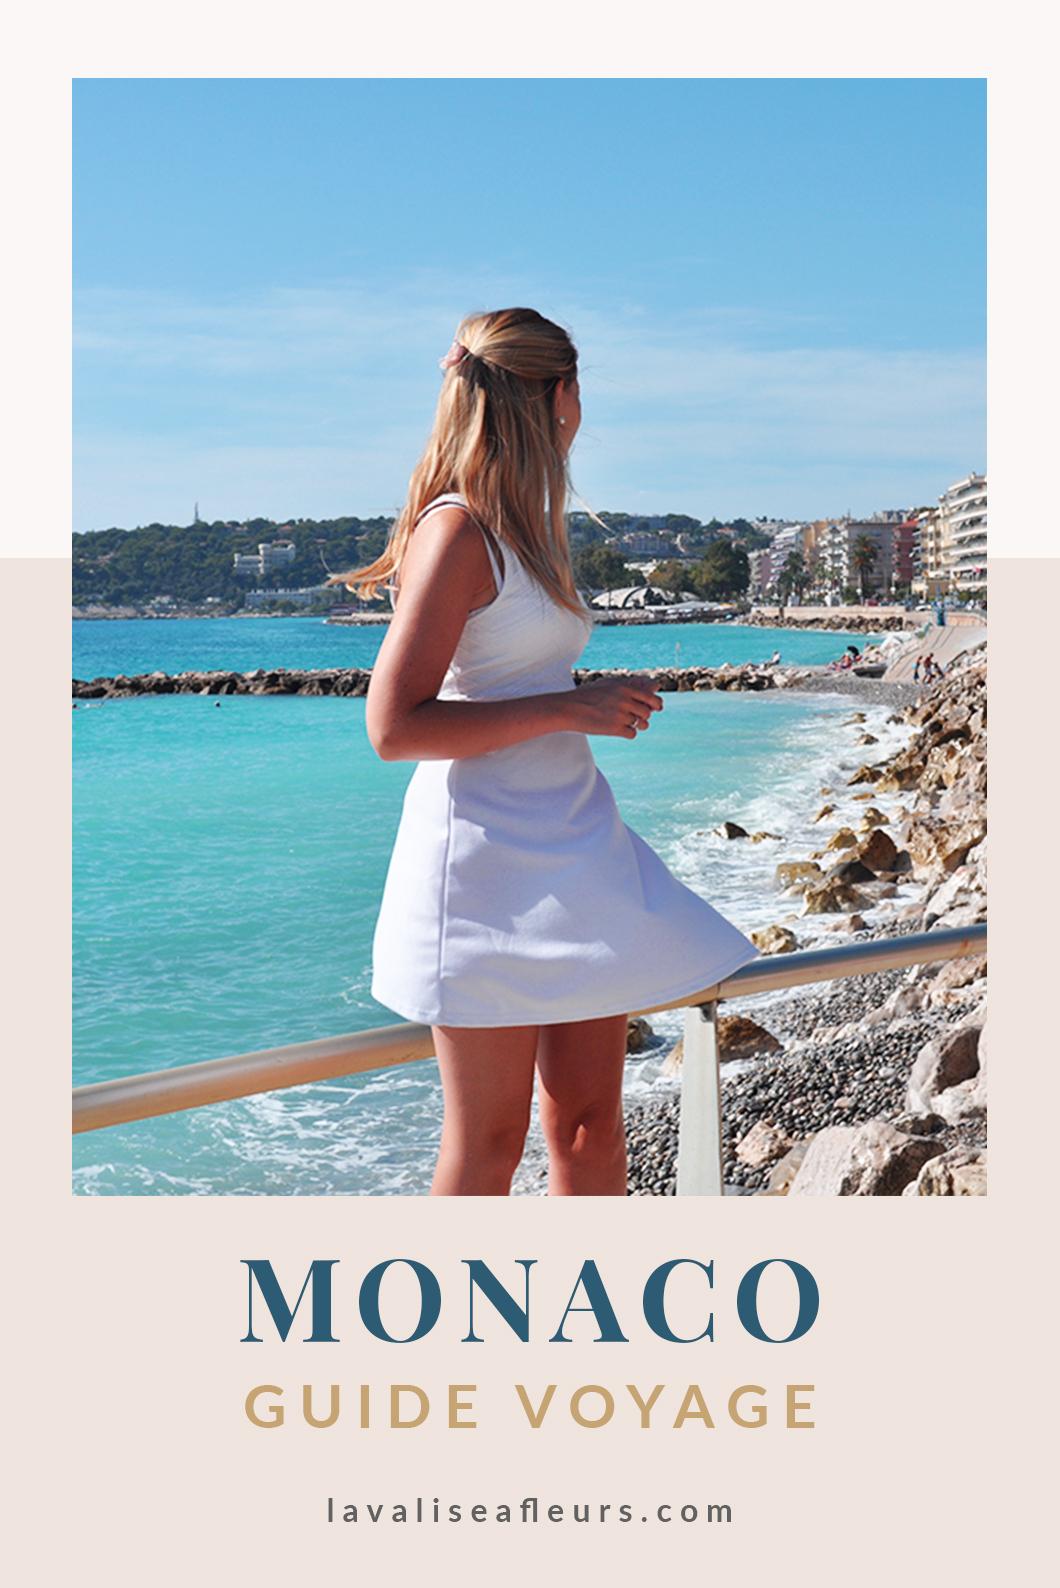 Guide voyage de Monaco